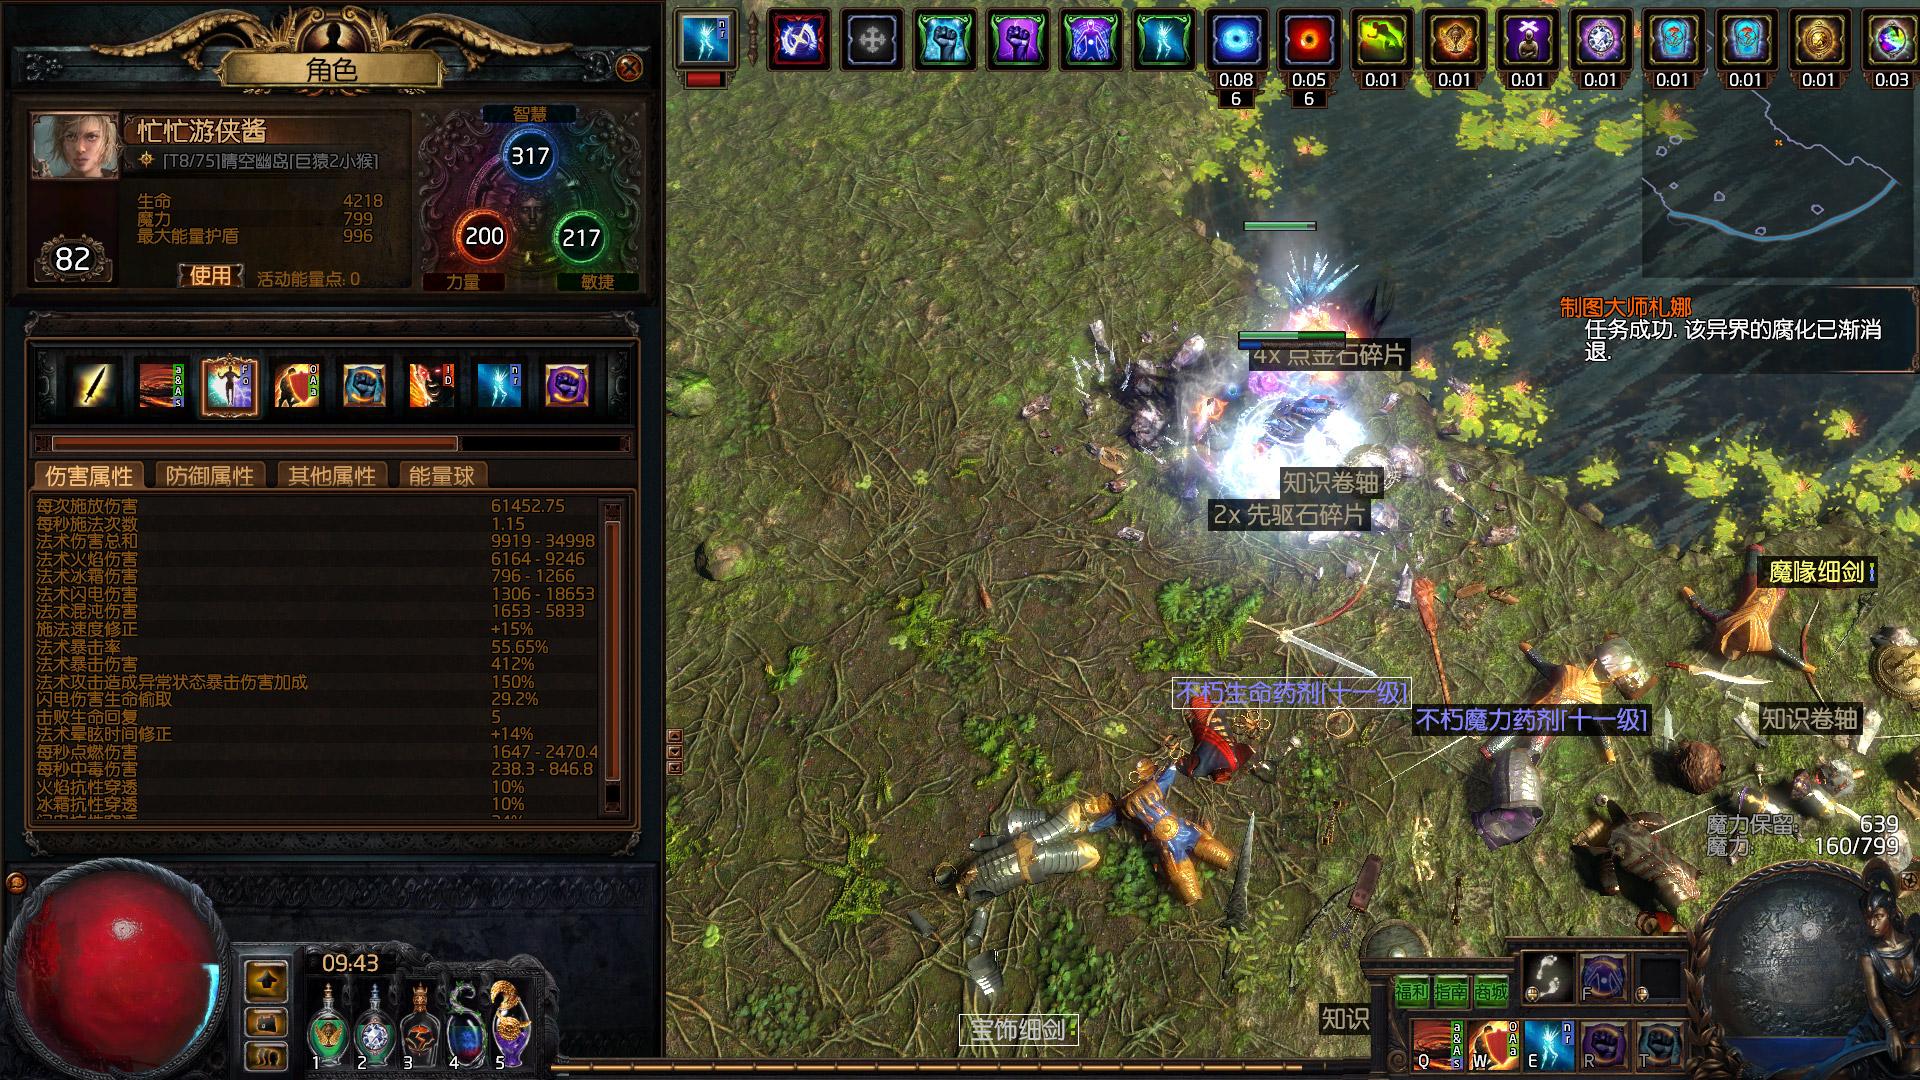 screenshot-0077.jpg